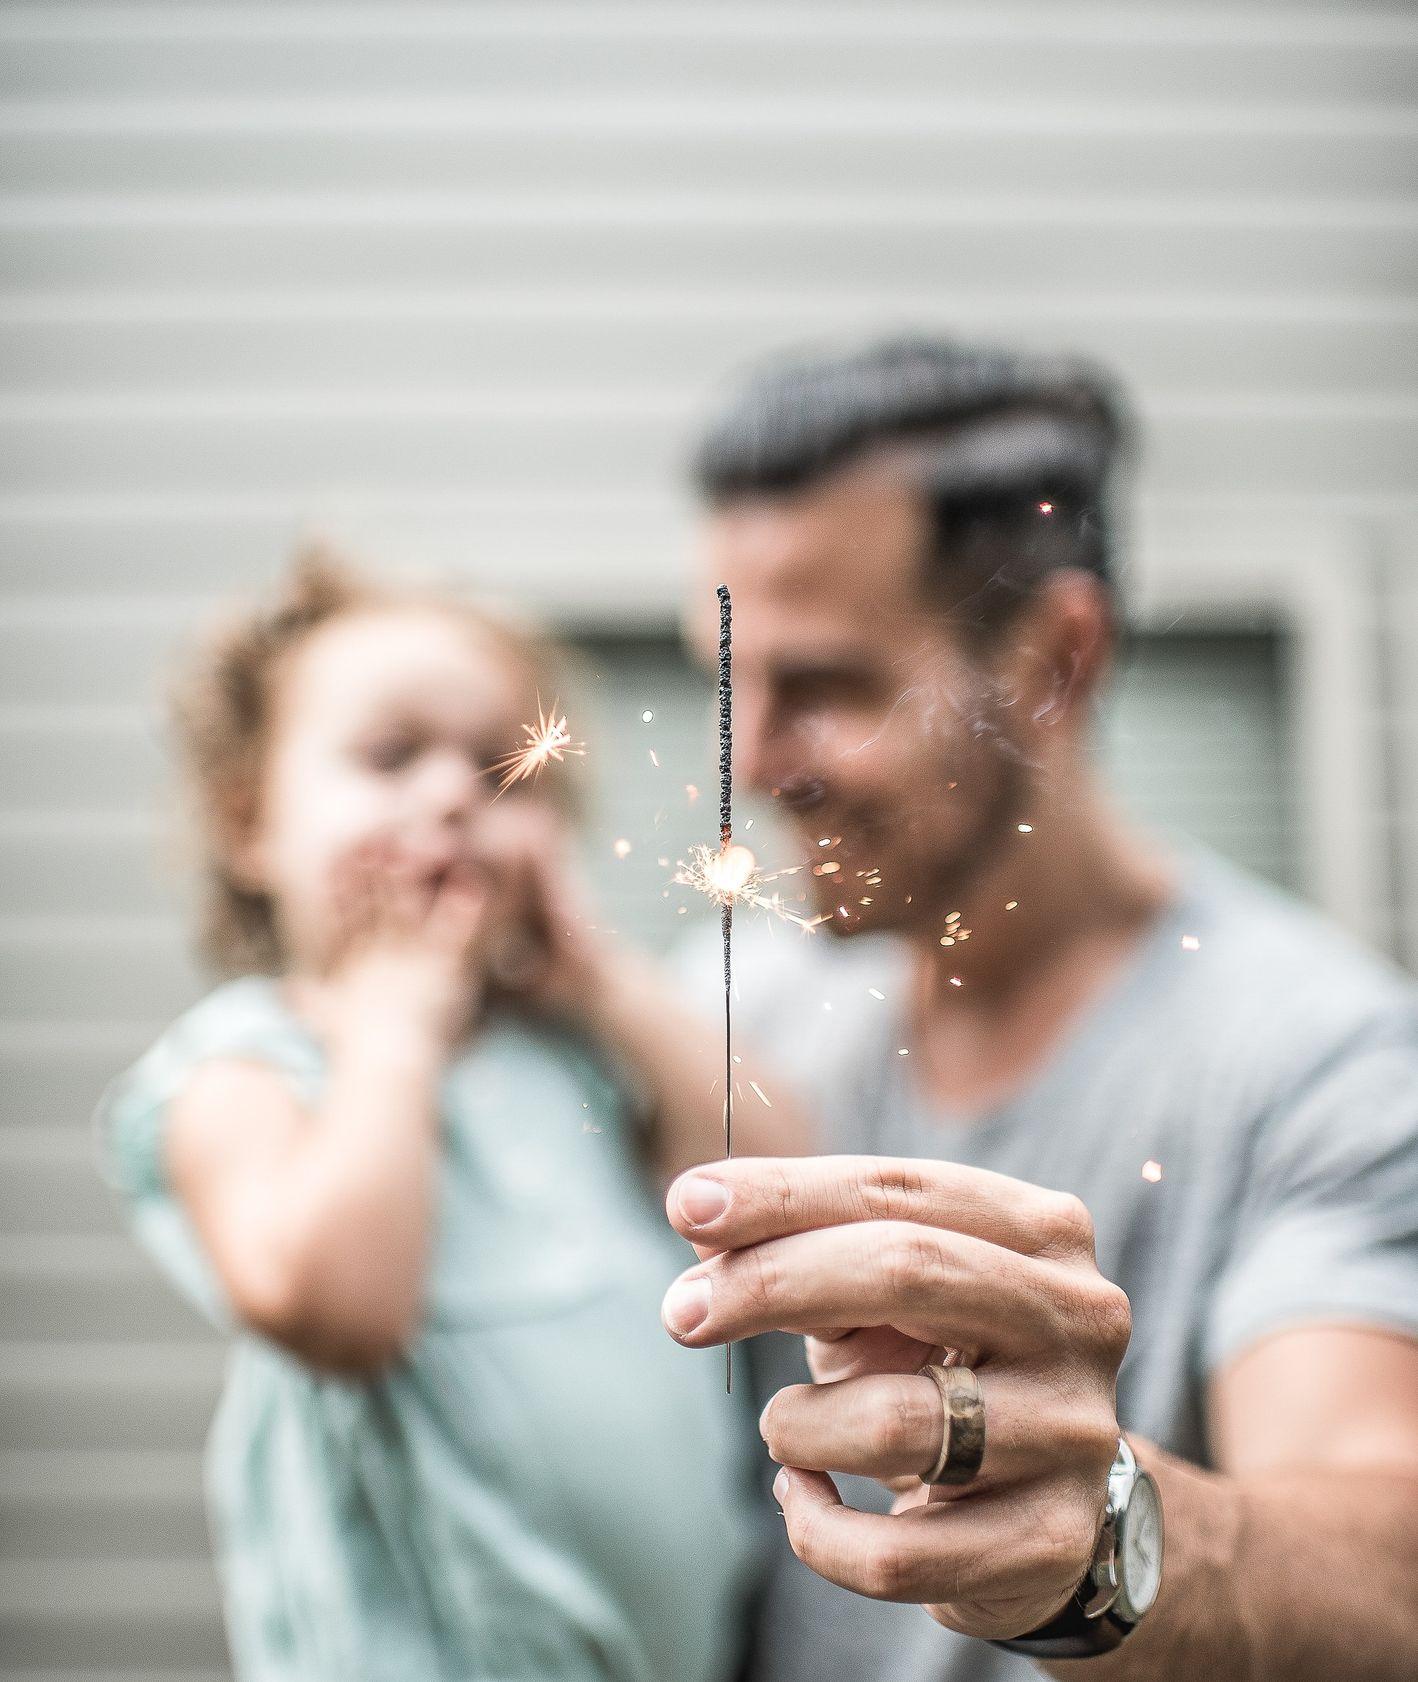 Ojciec z córką i zimny ogień (fot. Caleb Jones / unsplash.com)